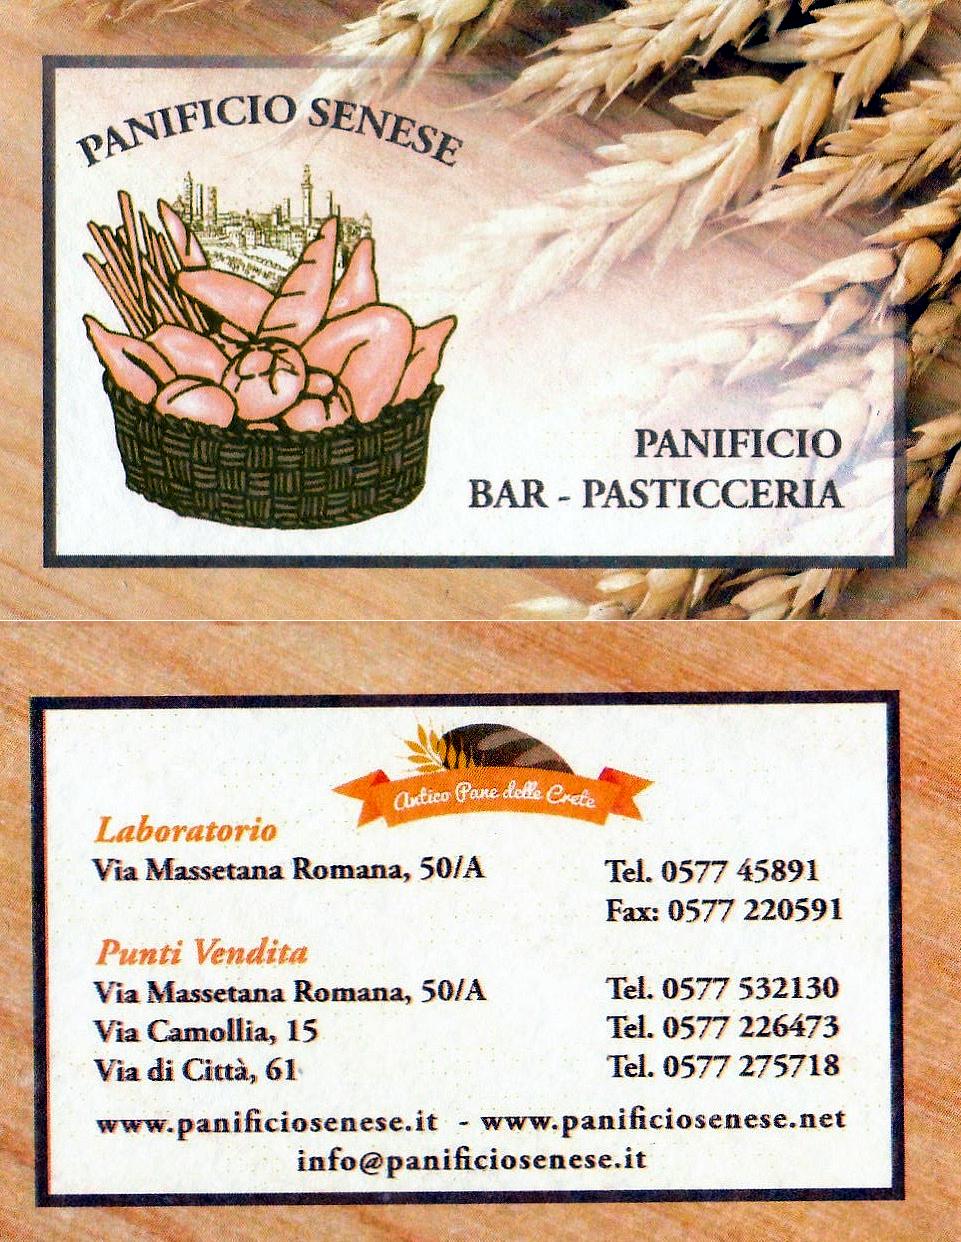 PANIFICIO SENESE